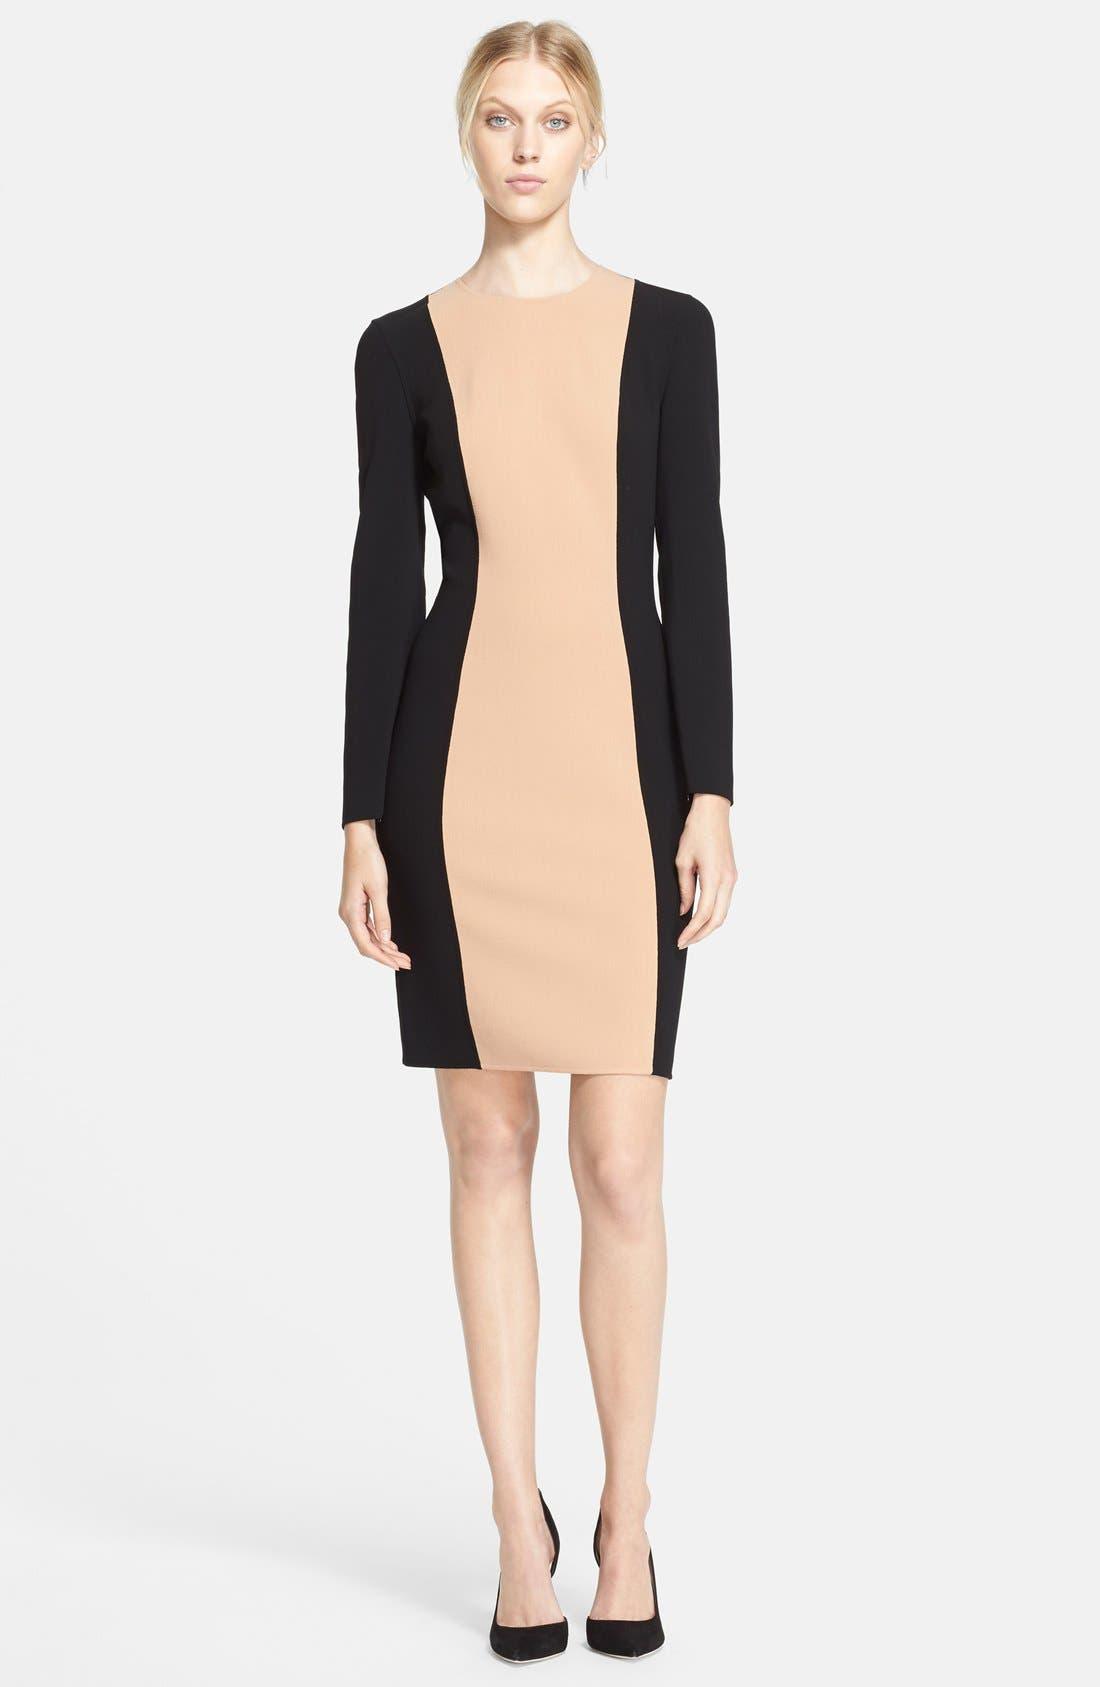 Main Image - Michael Kors Colorblock Crepe Dress